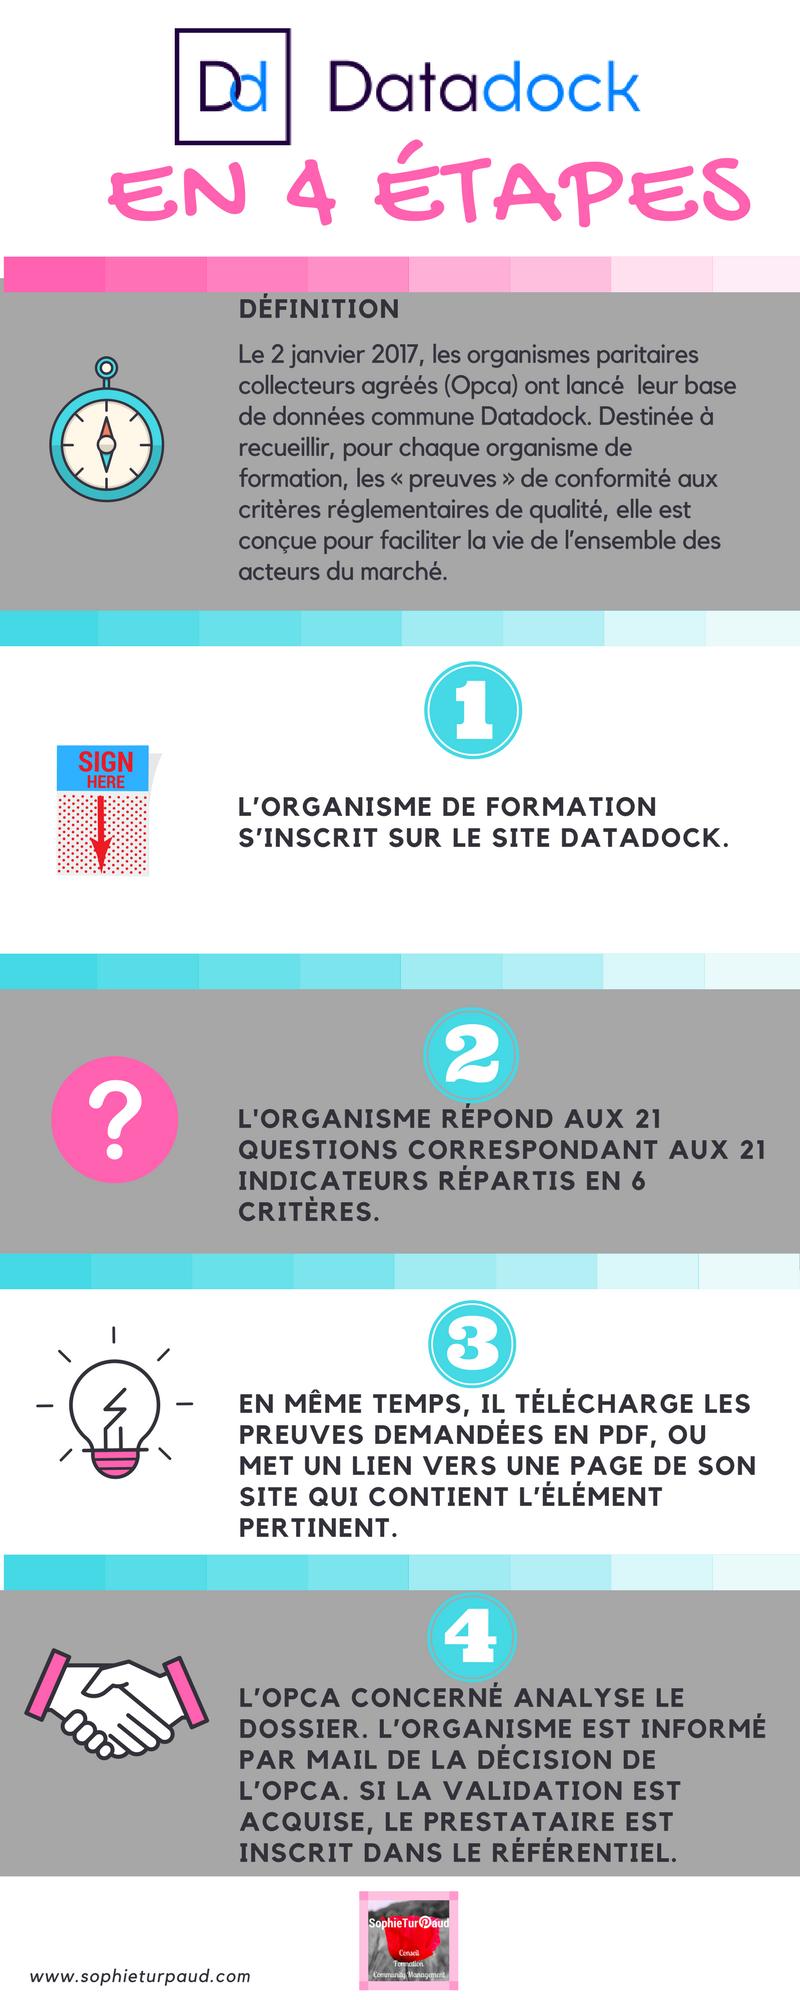 Infographie Datadock en 4 étapes via @sophieturpaud